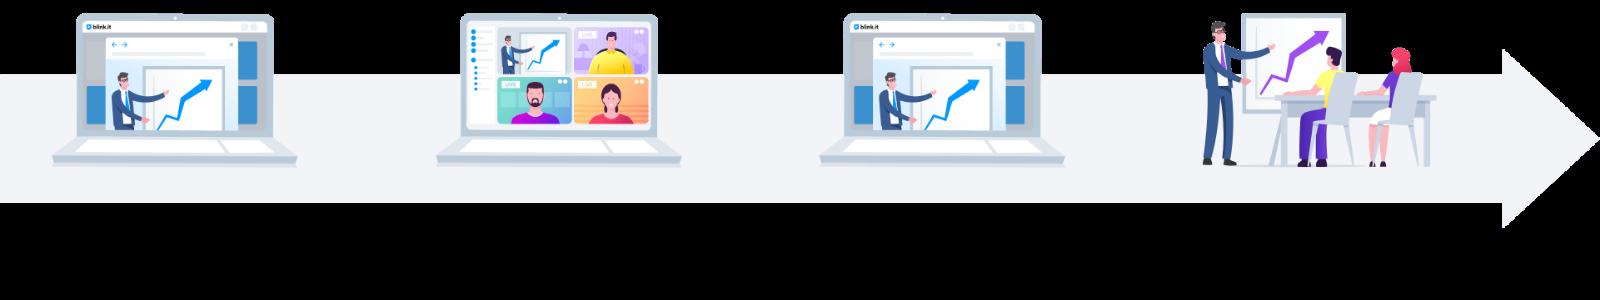 Illu Virtuelles Blended Learning DVAG